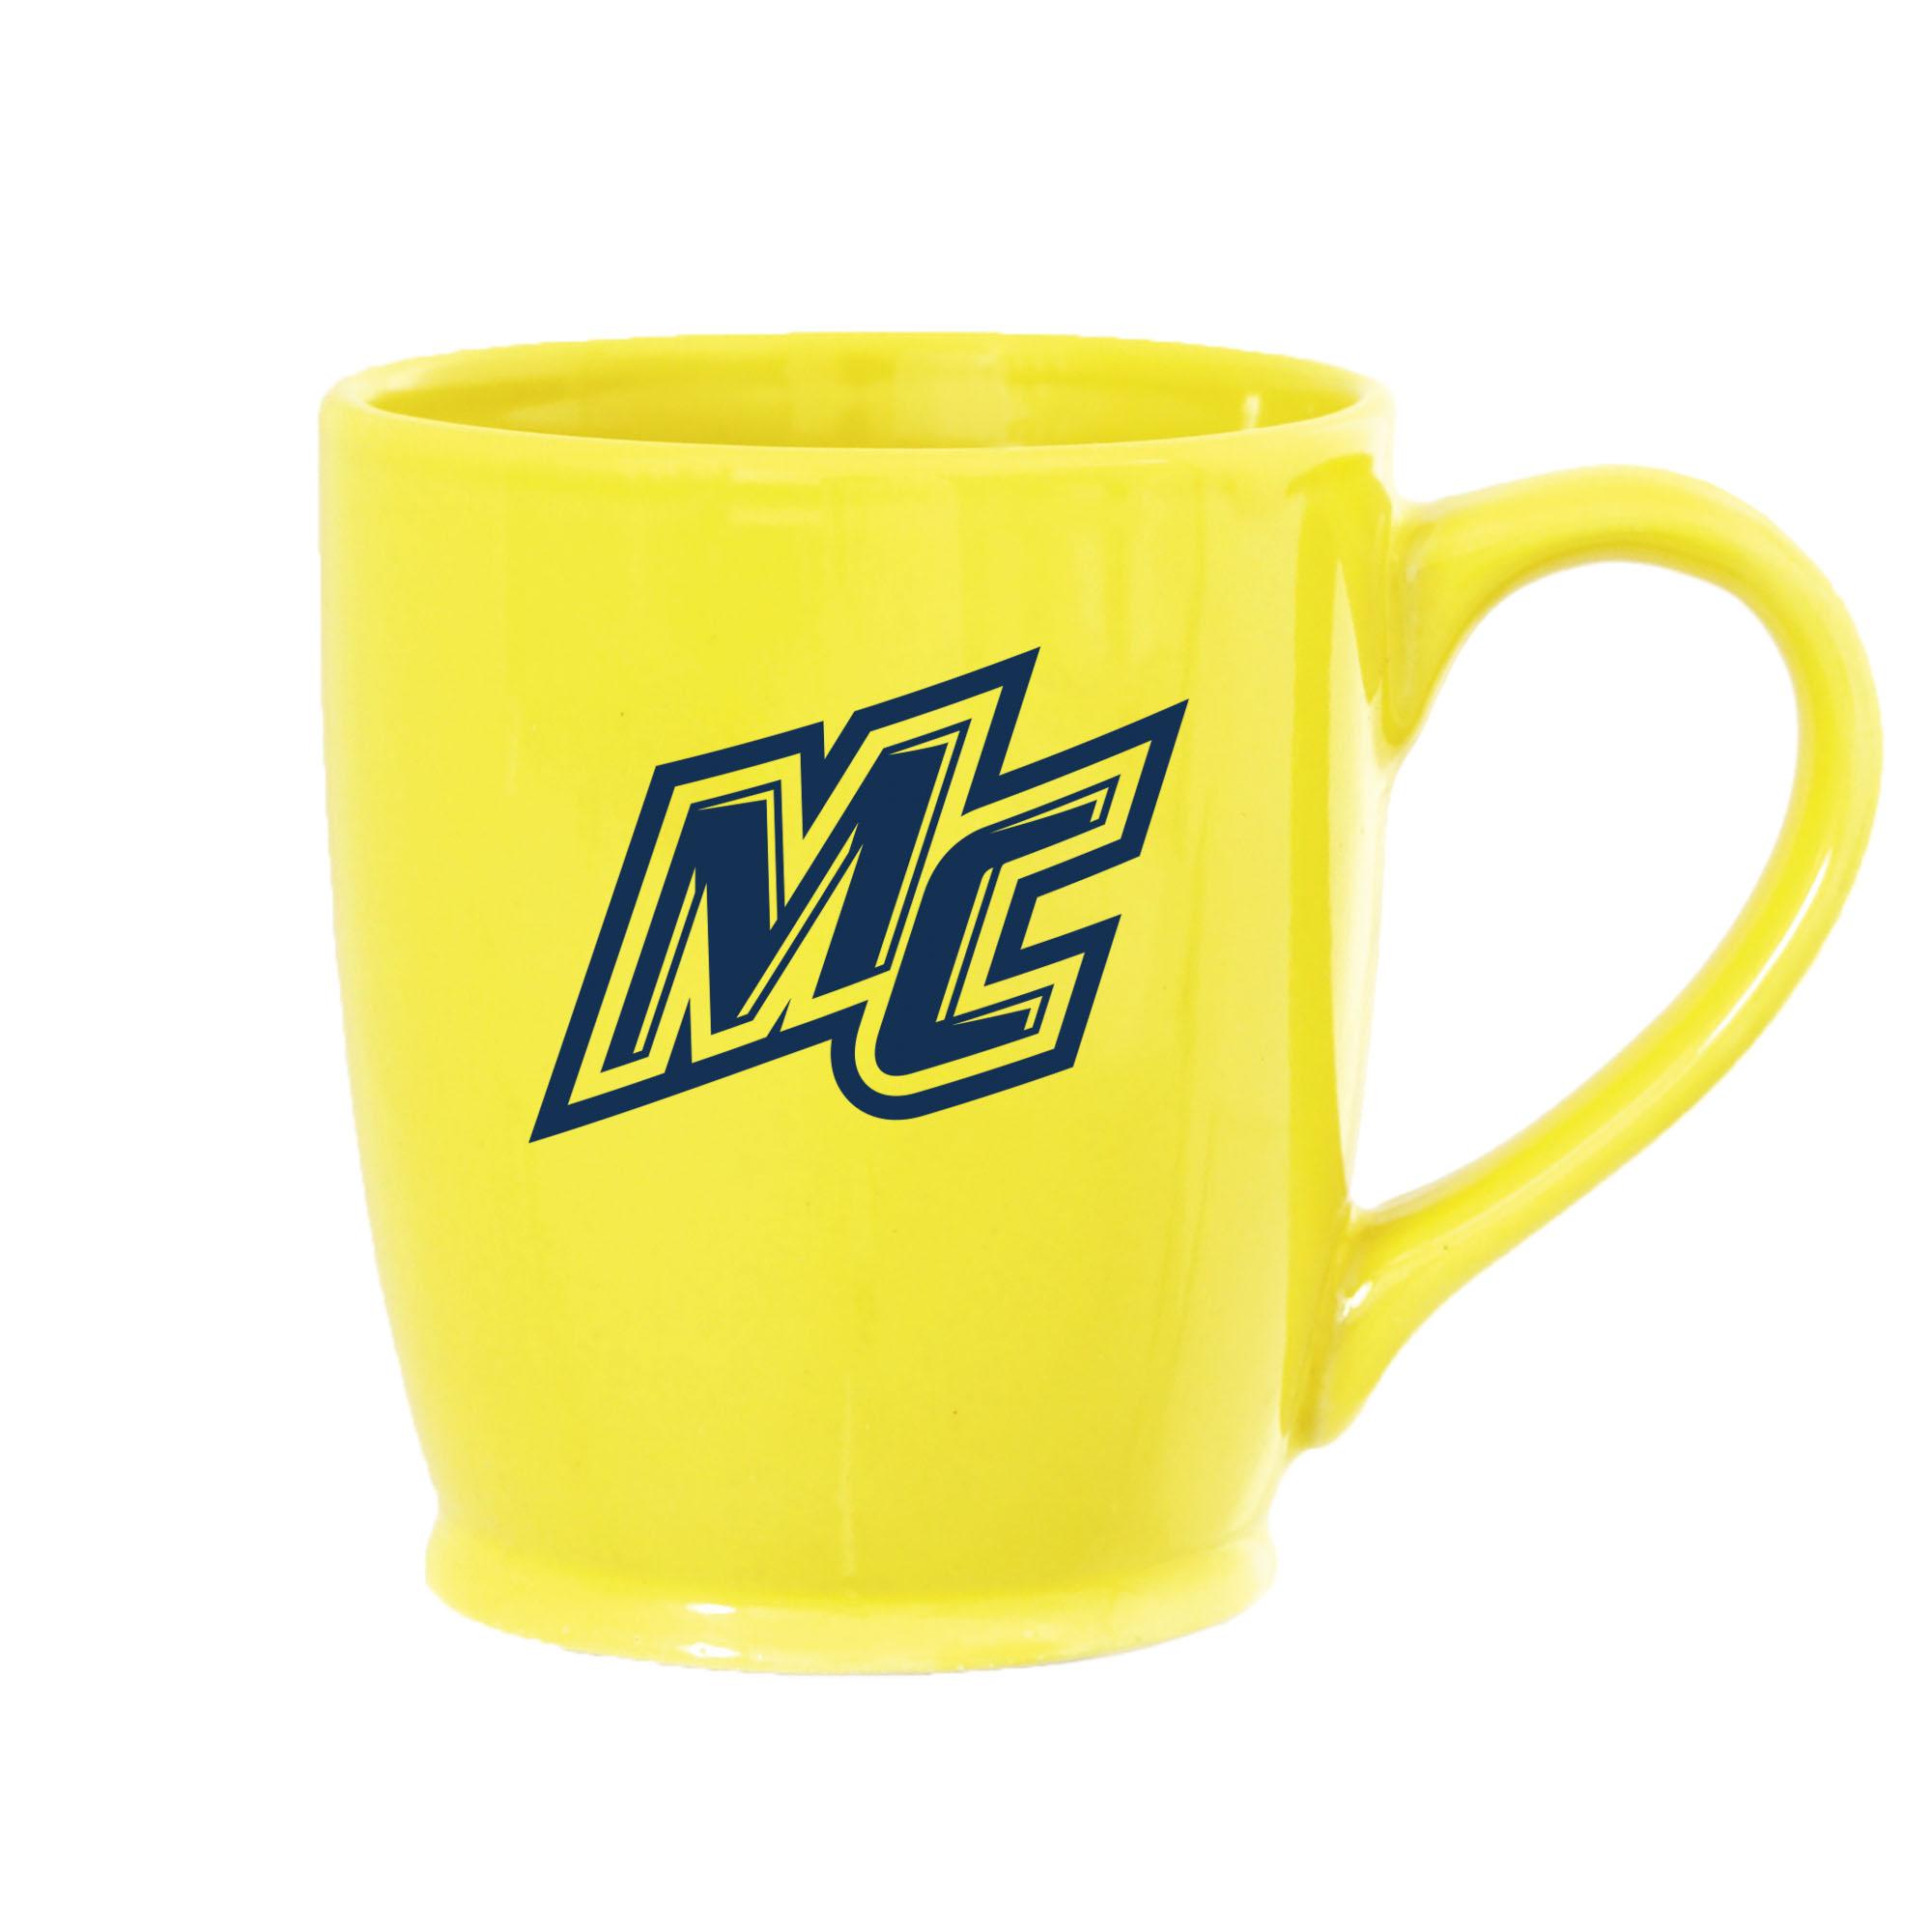 Sun Yellow Kona Mug